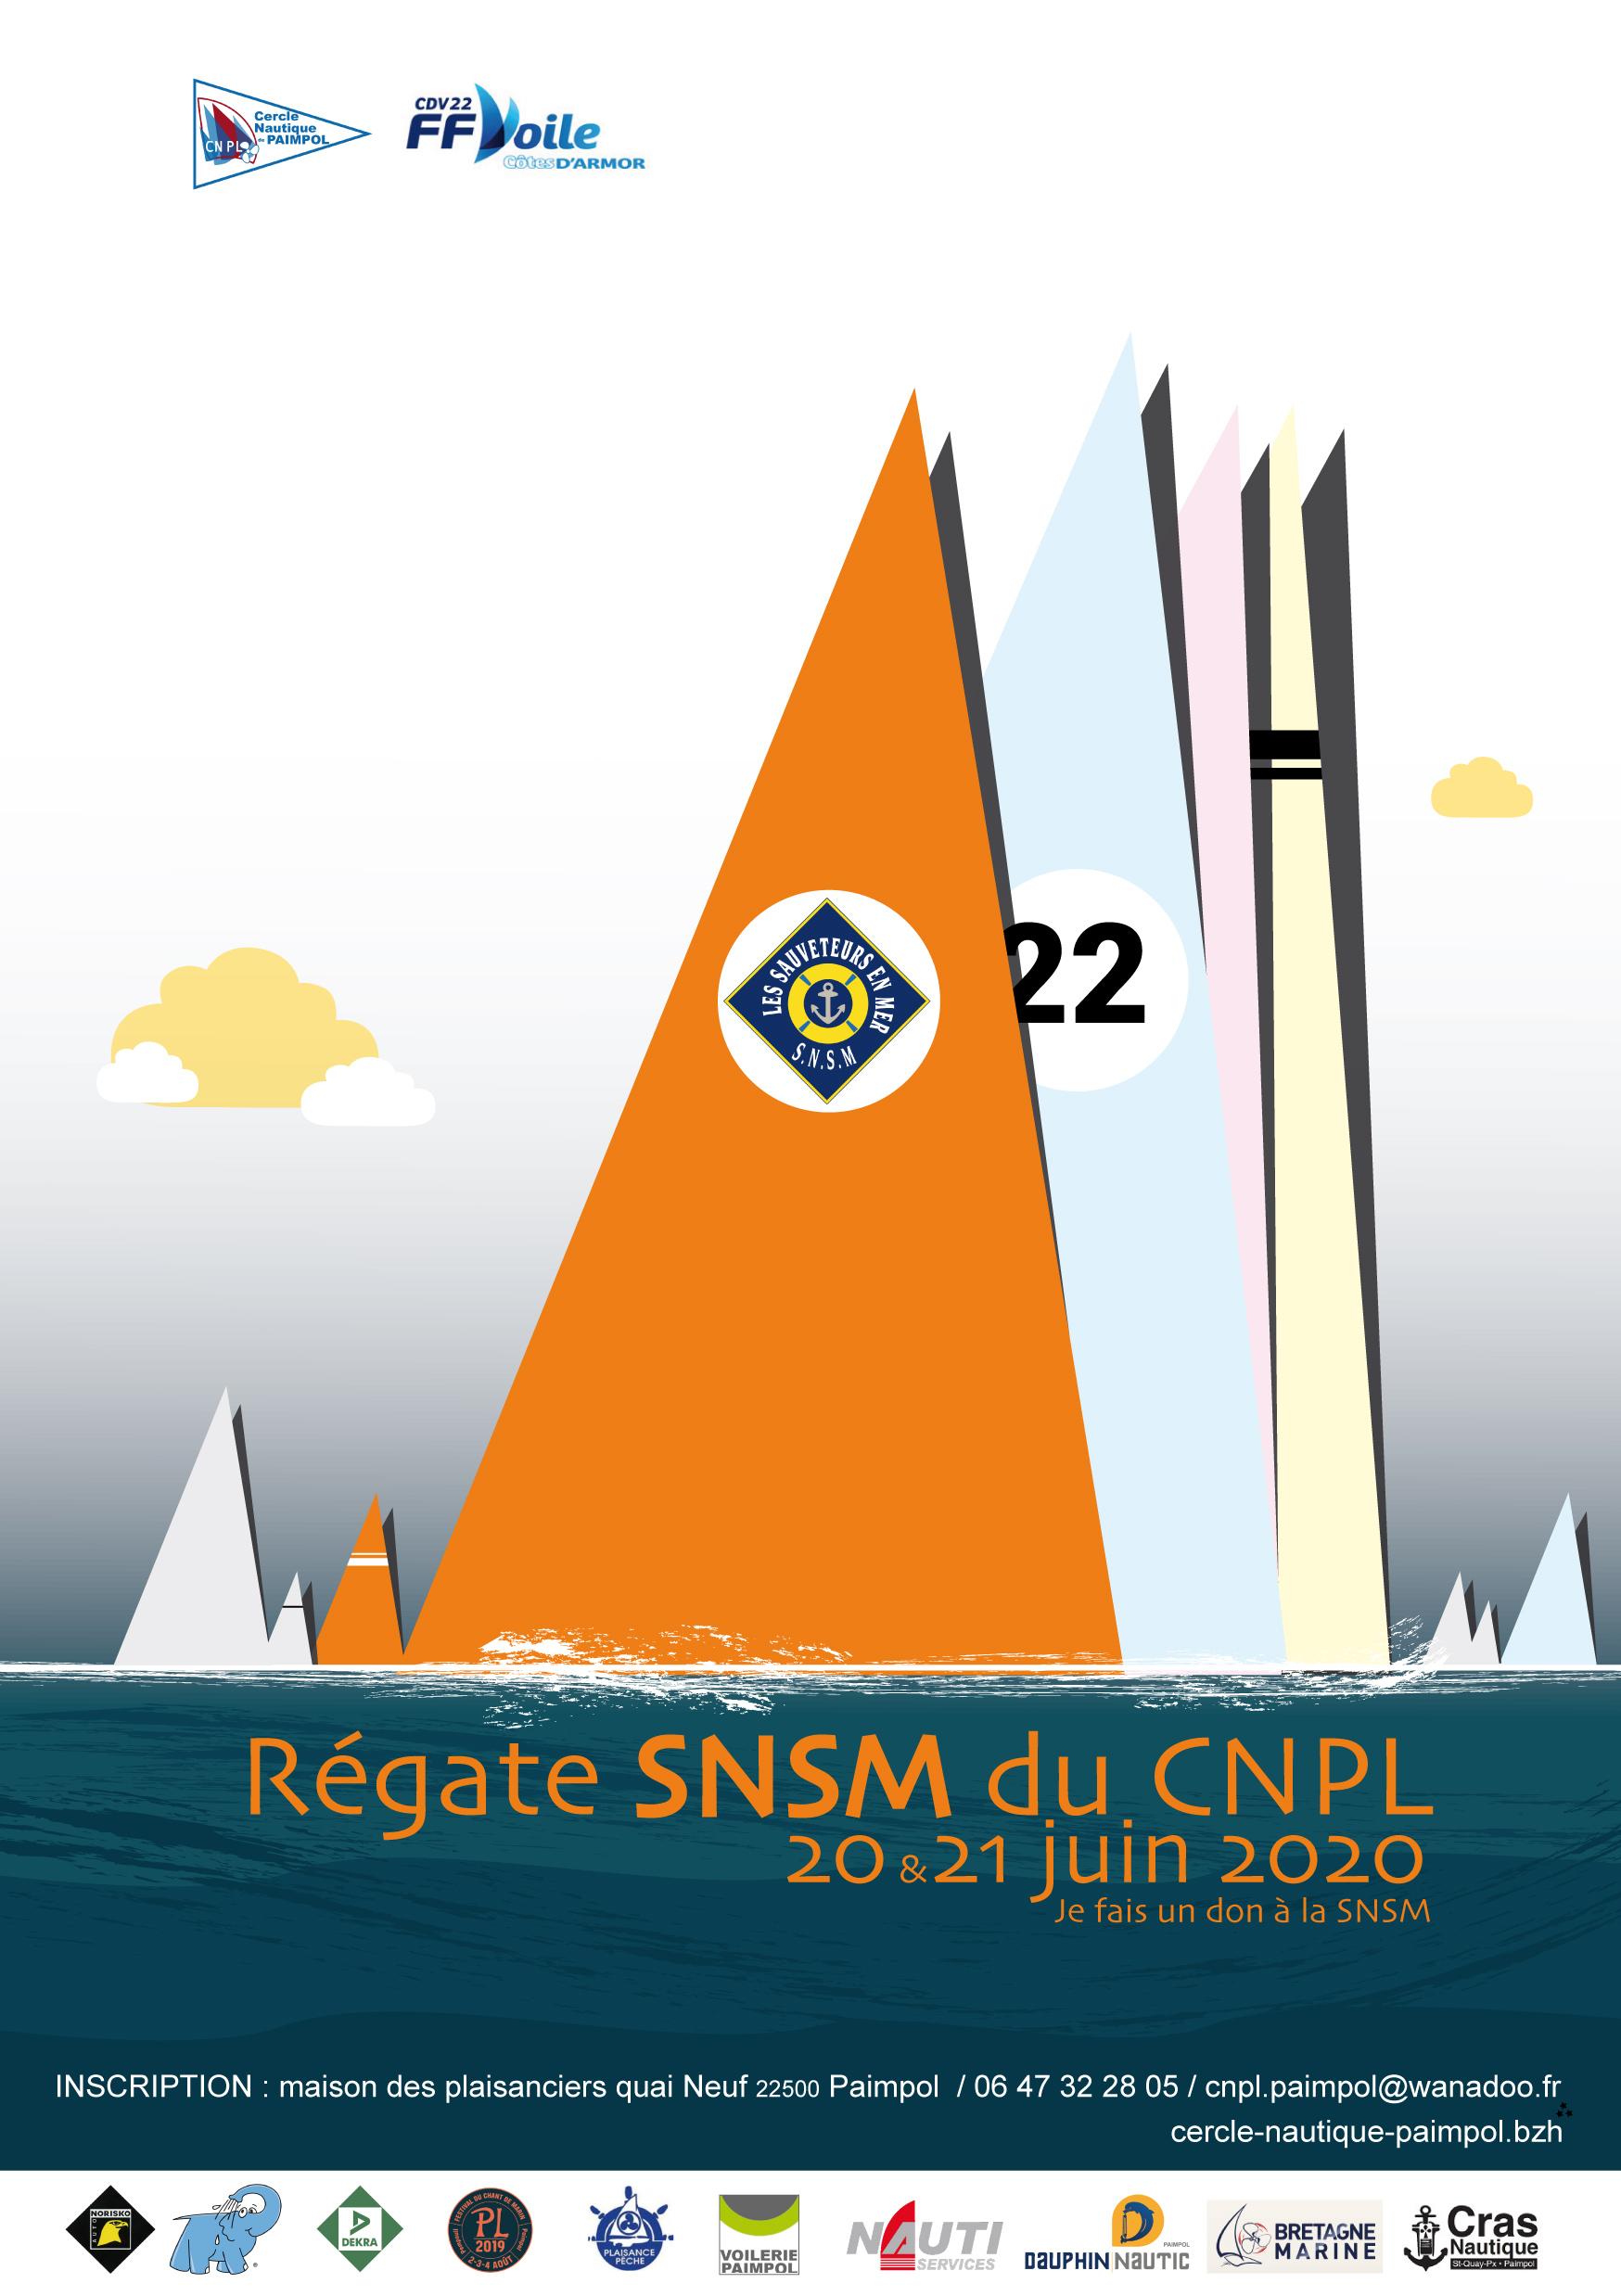 Régate S.N.S.M. 20 et 21 juin 2020